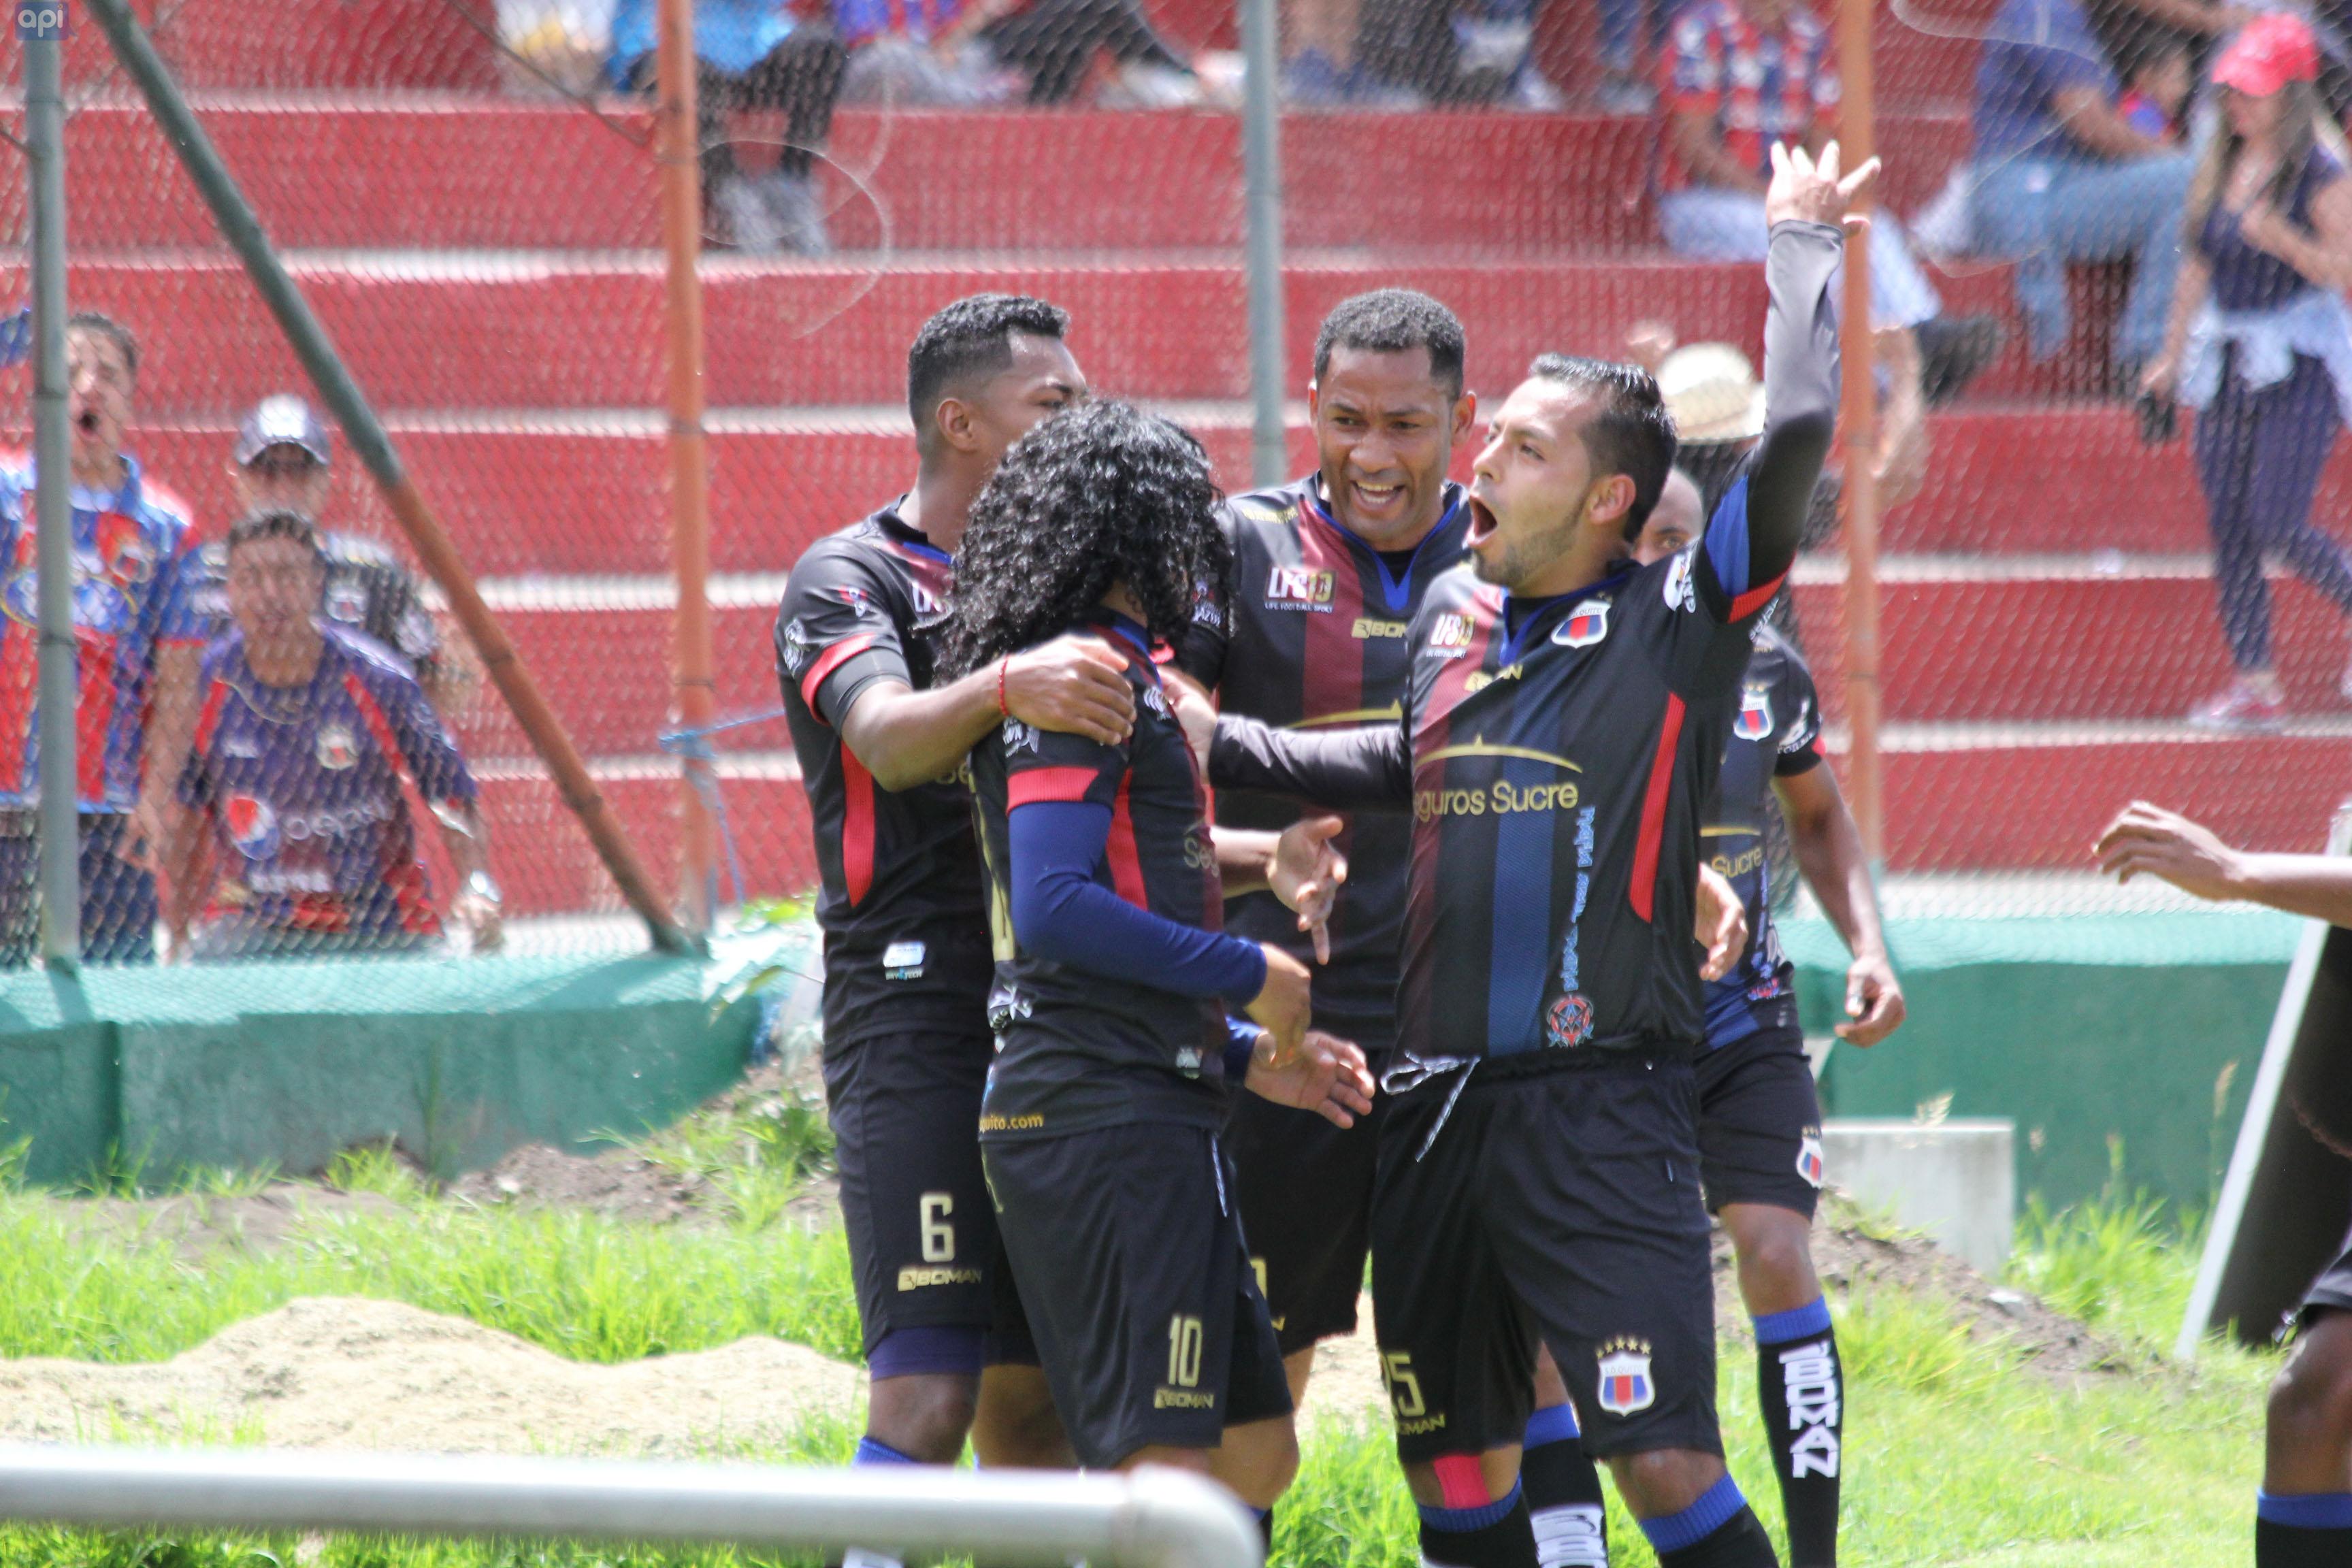 El Club Gloria, Anaconda, Toreros, Insutec, Alianza de Chimborazo y Deportivo Quito son los clasificados a los dieciseisavos de final del certamen